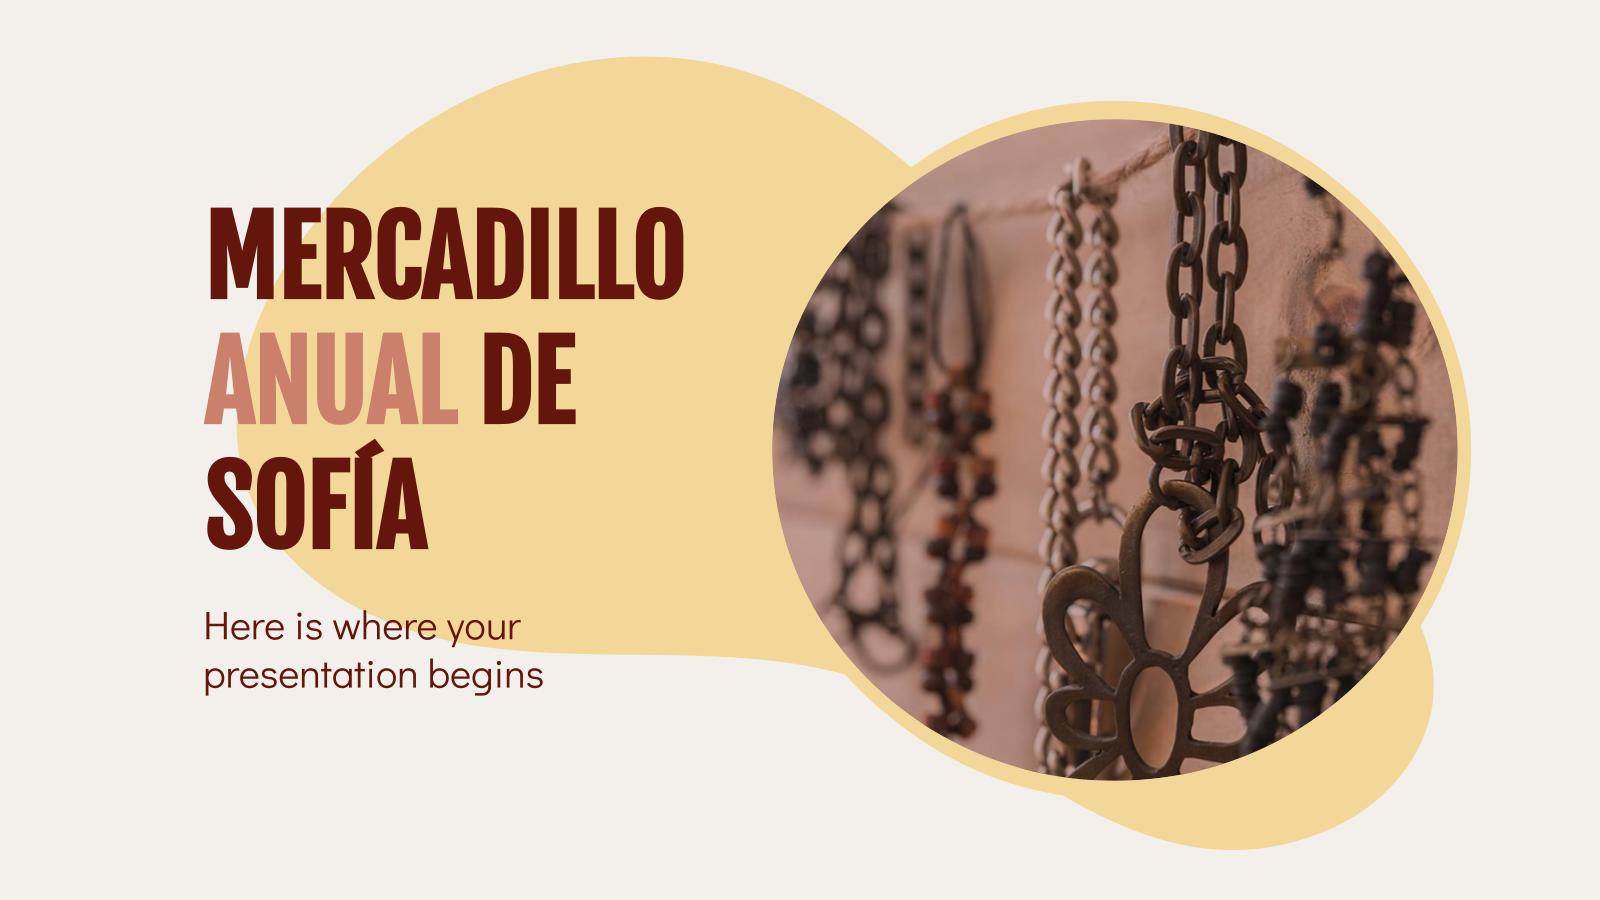 Mercadillo Anual de Sofía : Modèles de présentation